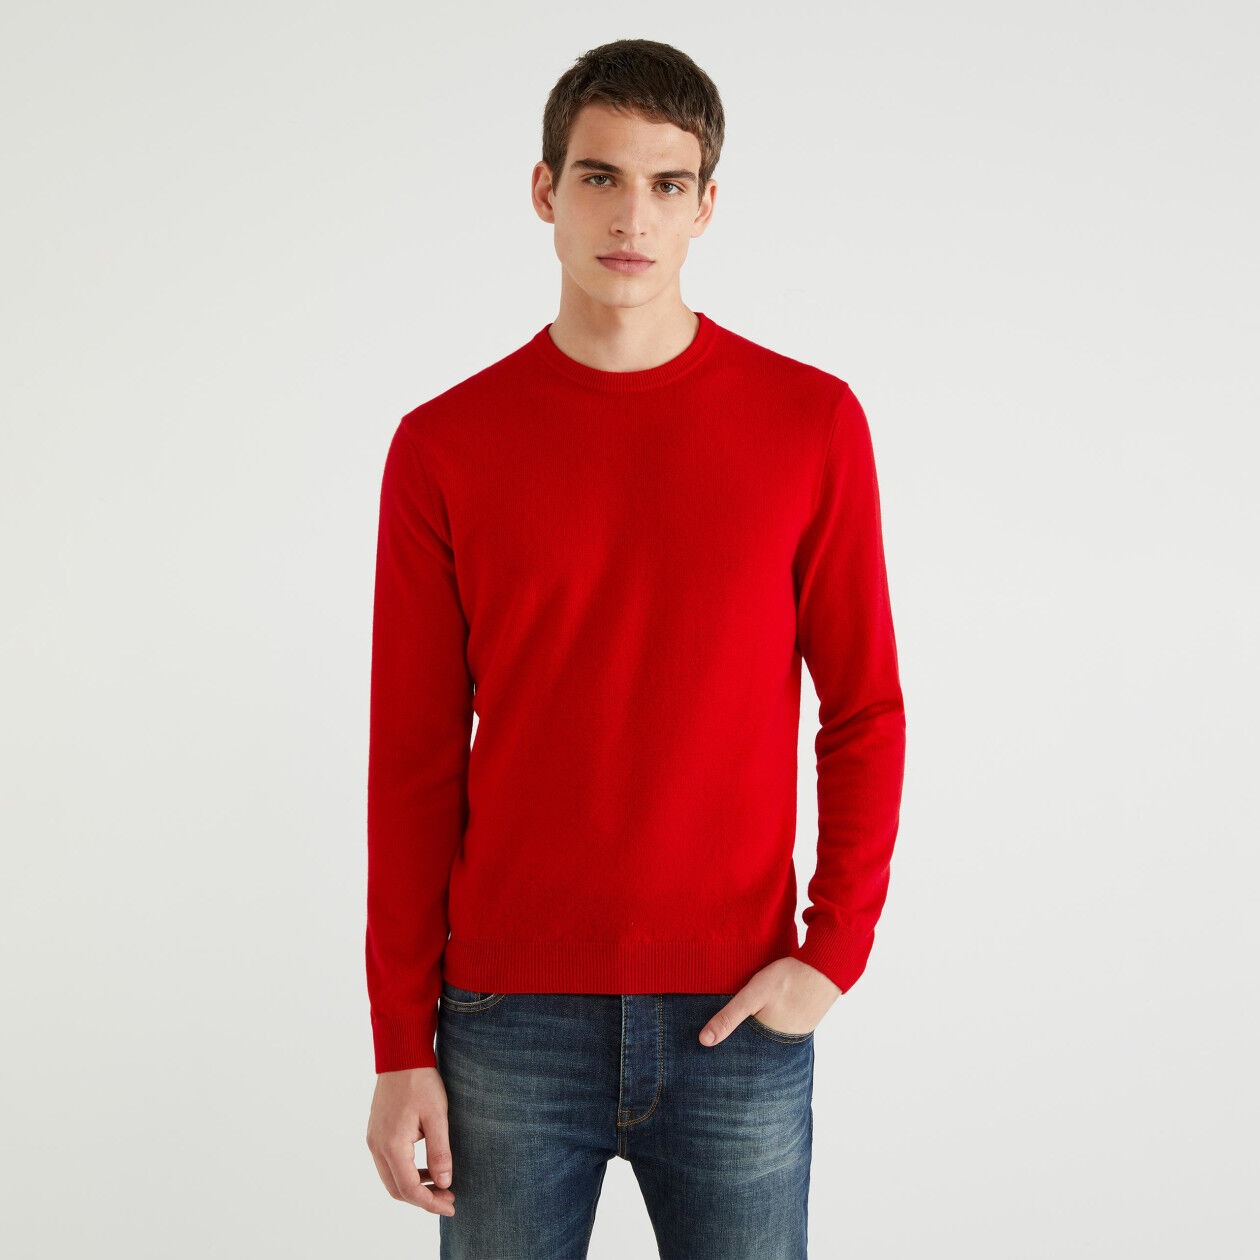 100% virgin wool crew neck sweater